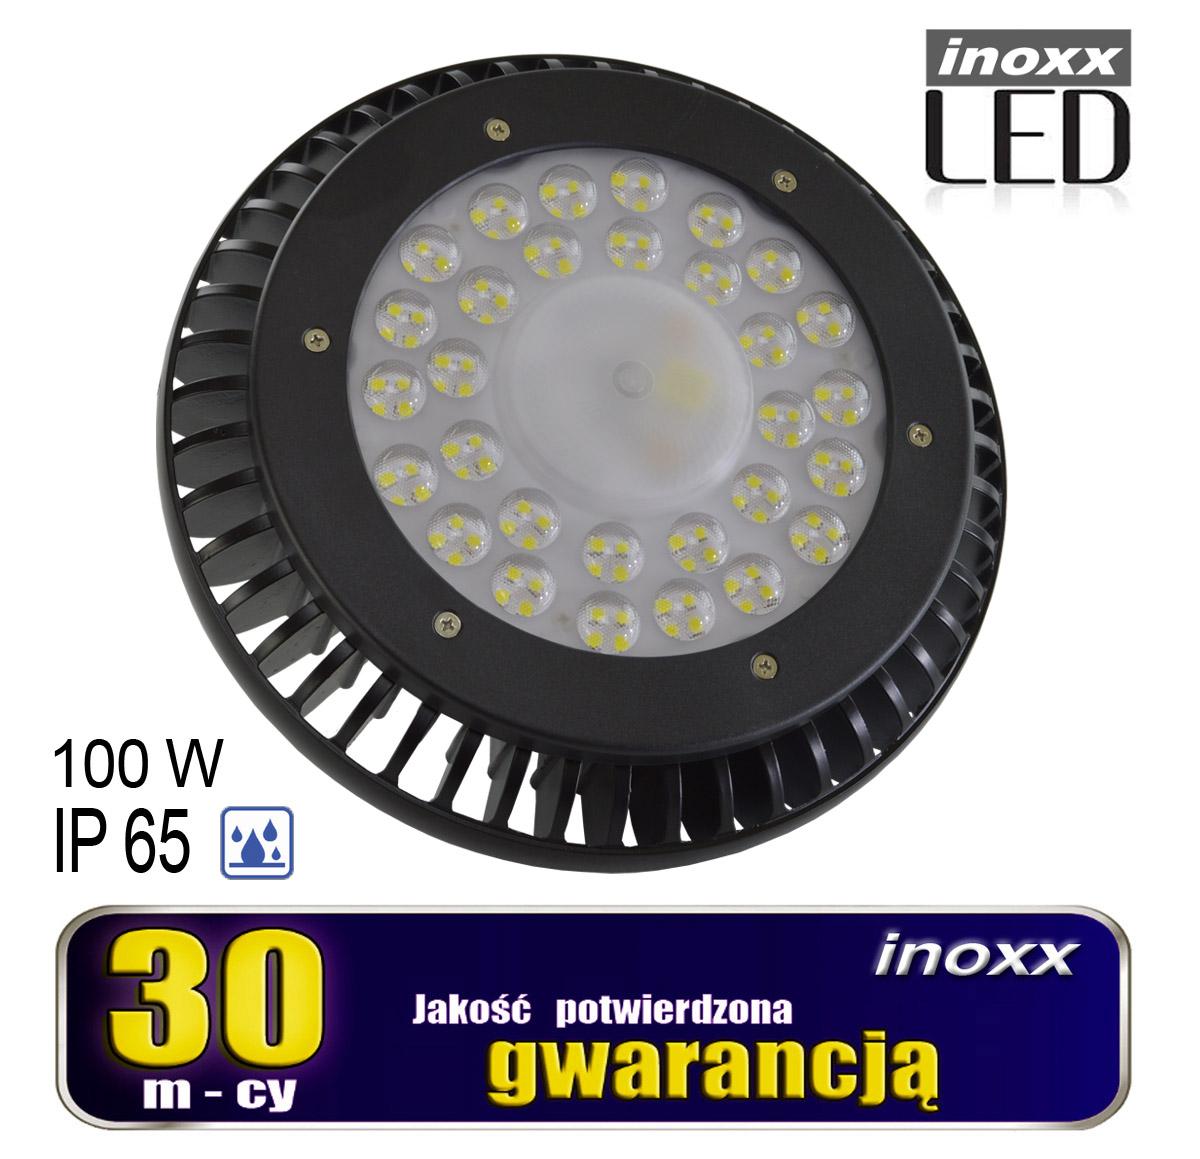 LAMPA PRZEMYSŁOWA LED IP65 100W HIGH BAY UFO 12 000LM